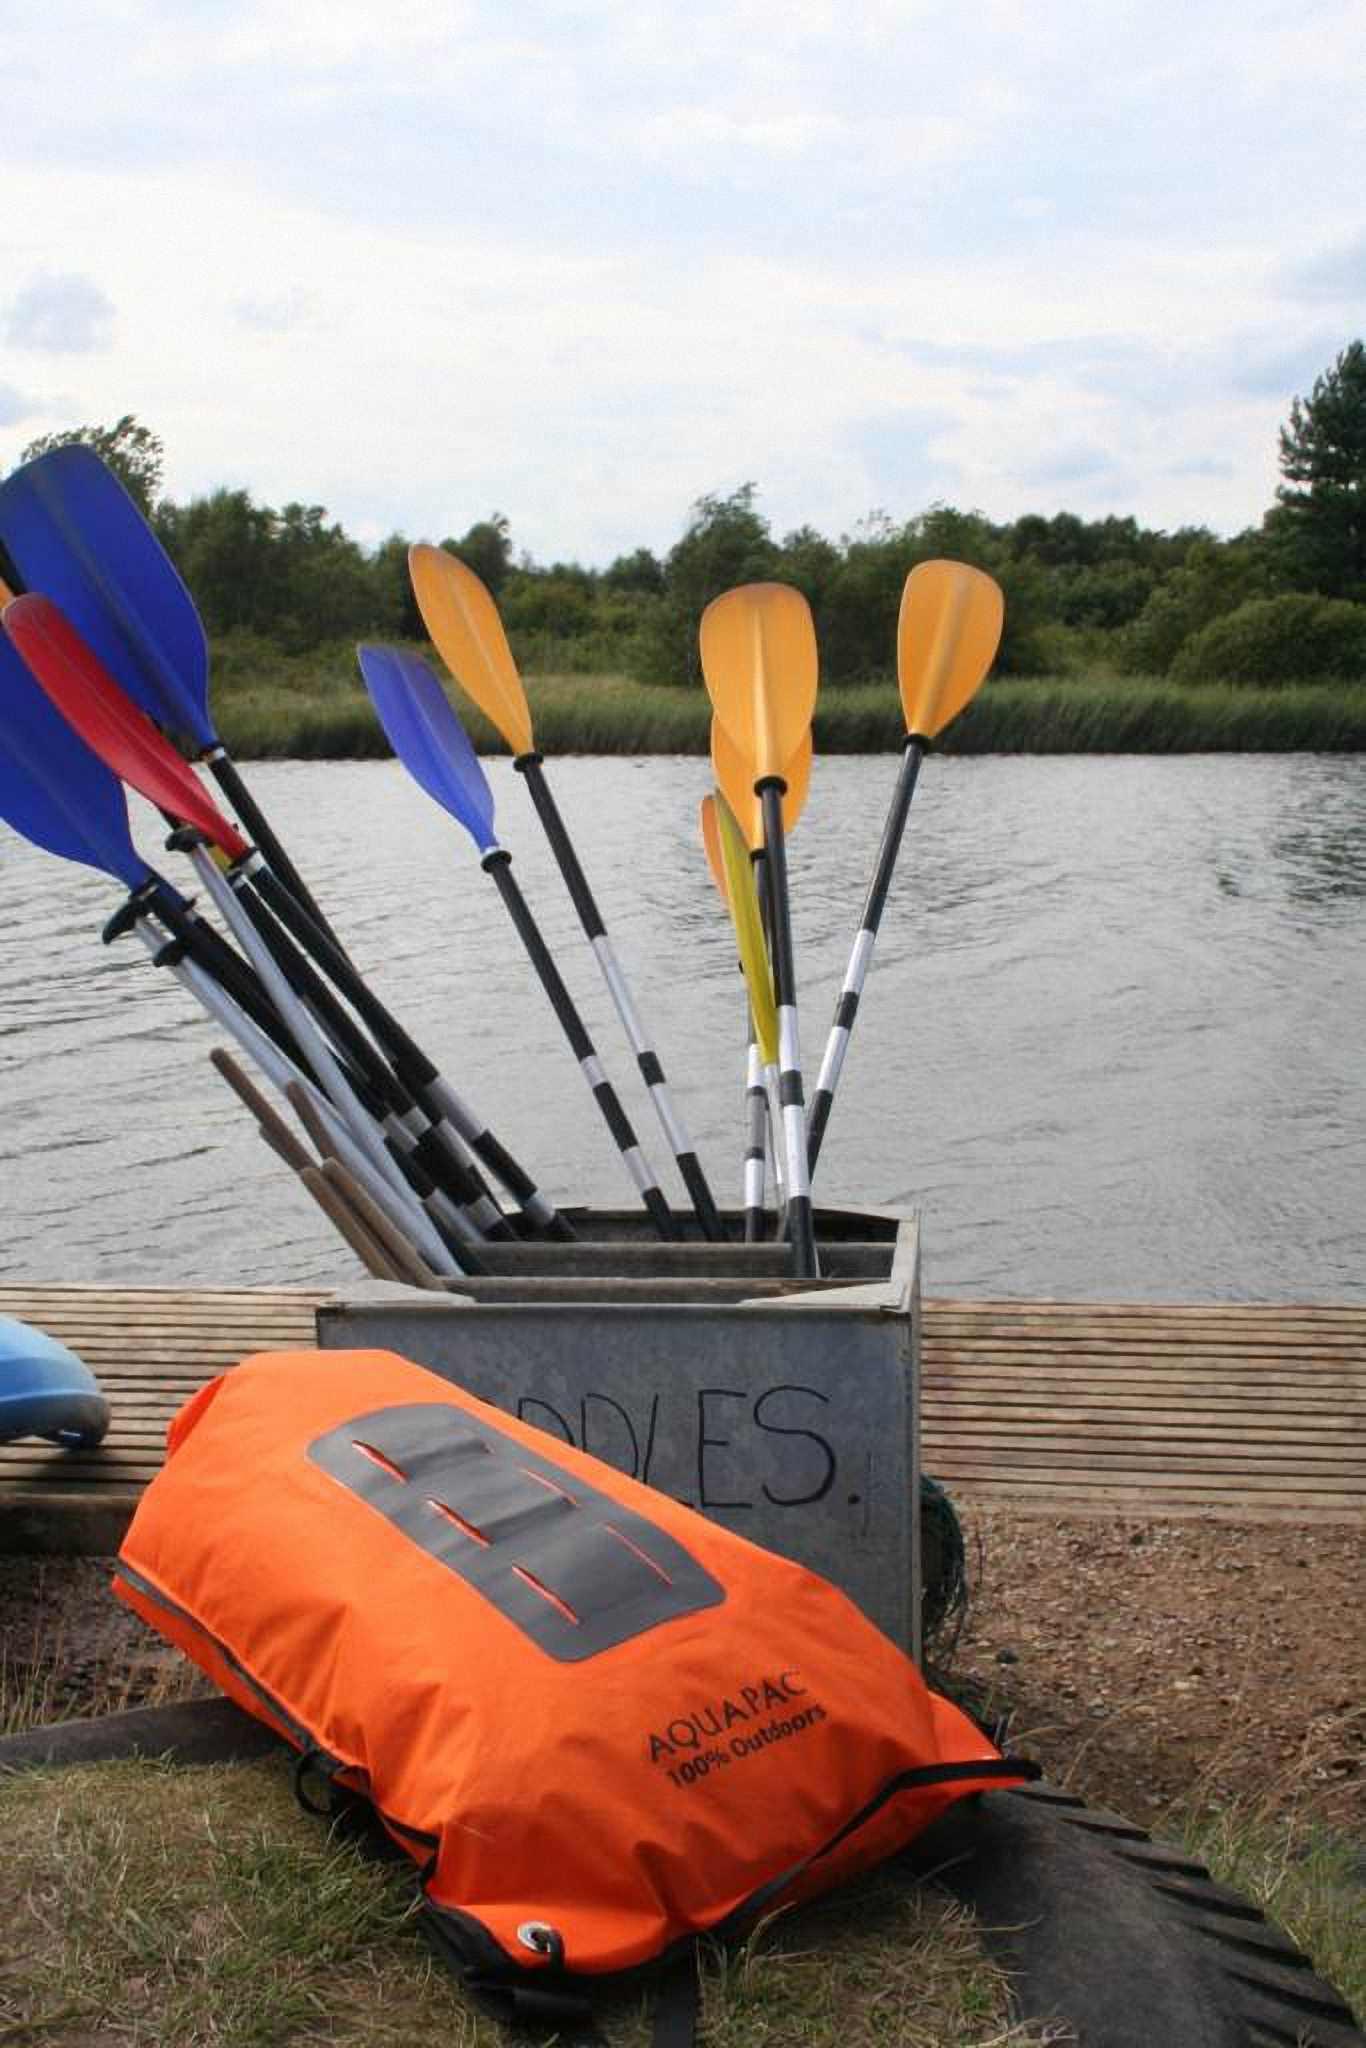 Водонепроницаемый  гермомешок-рюкзак (с двумя плечевыми ремнями) Aquapac 761 - Noatak Wet & Drybag - 15L.. Aquapac - №1 в мире водонепроницаемых чехлов и сумок. Фото 11